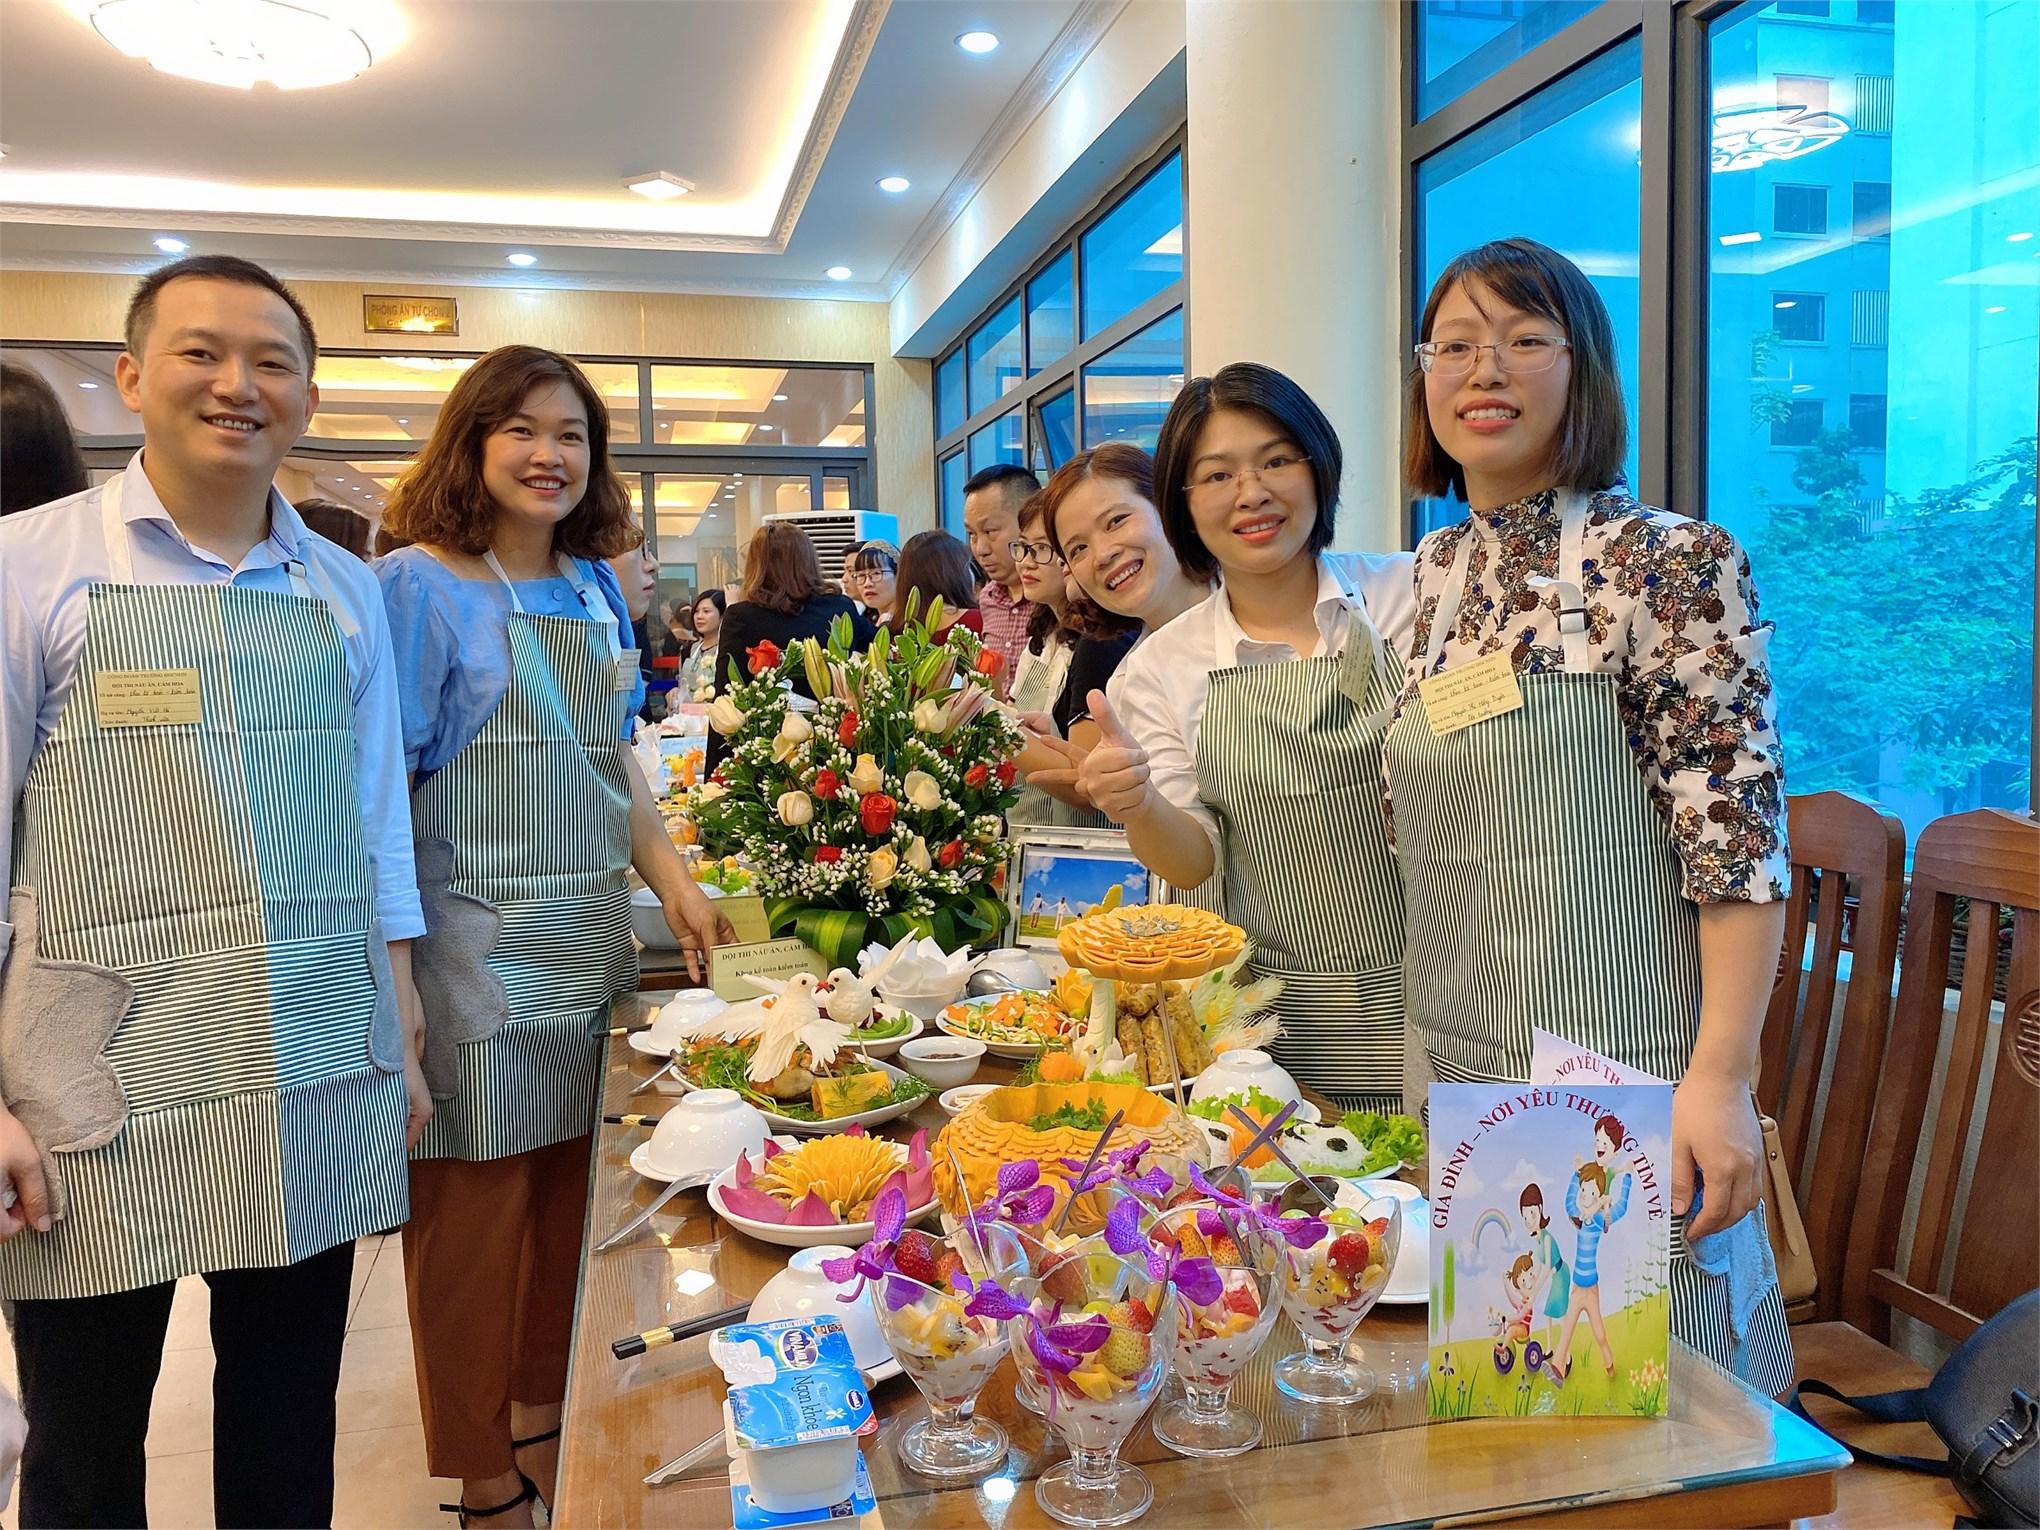 Hội thi nấu ăn cắm hoa kỉ niệm 90 năm ngày thành lập Hội Liên hiệp Phụ nữ Việt Nam